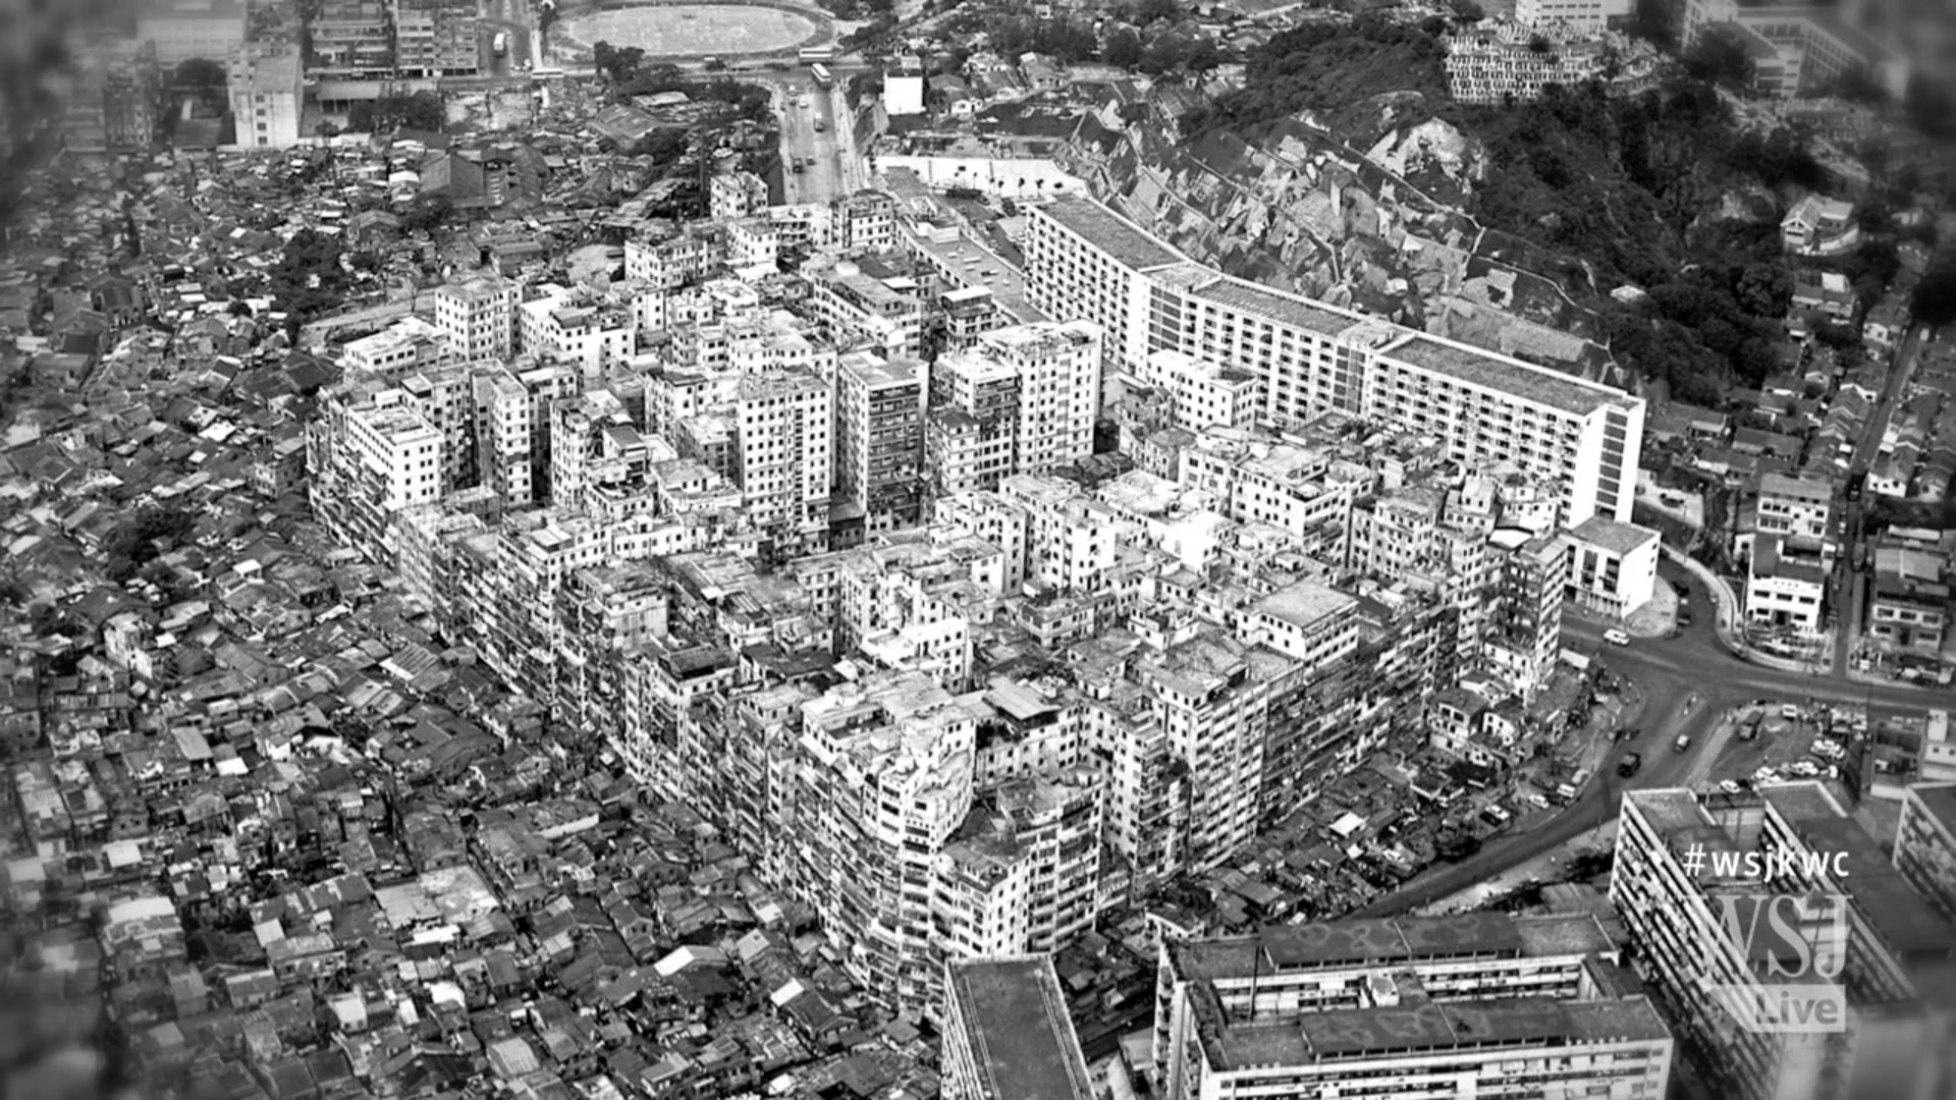 città abbandonata dall'alto